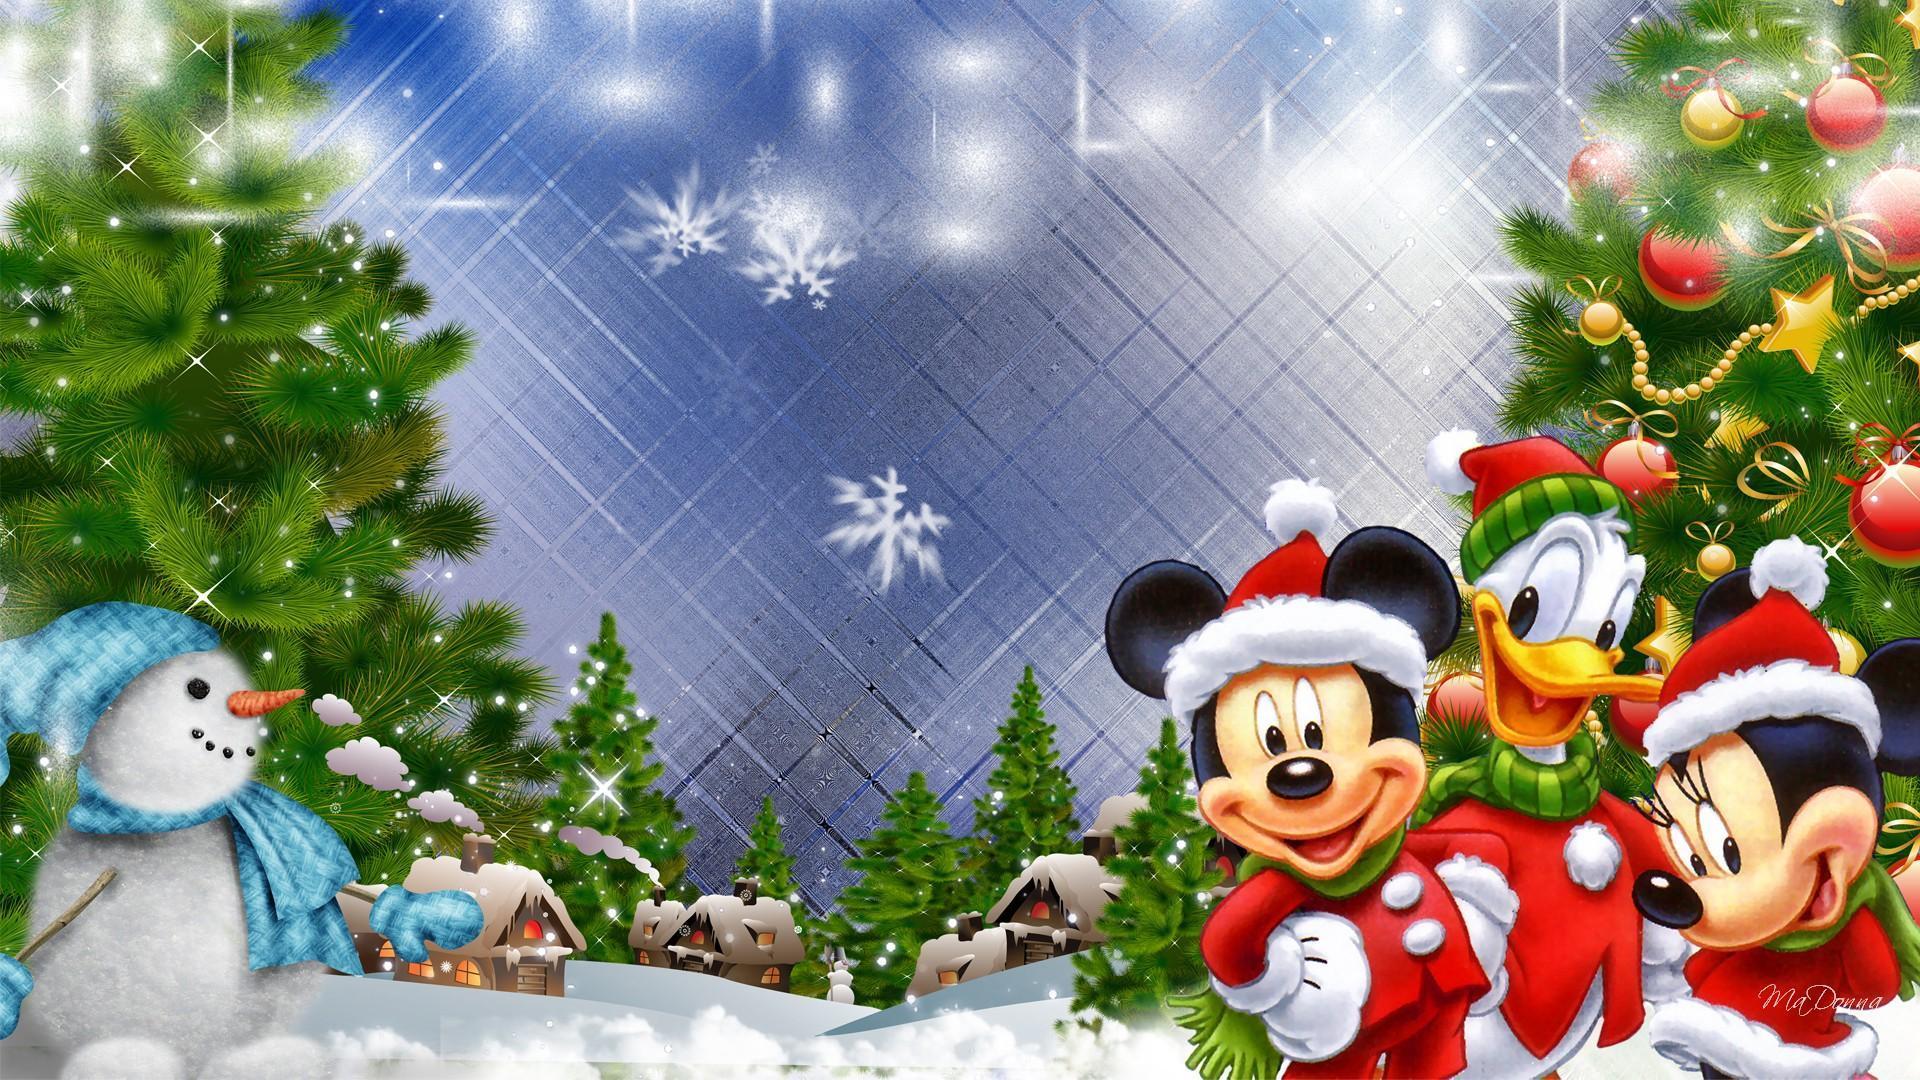 Free Download Mickeys Kerst Dorp Hd Desktop Wallpaper